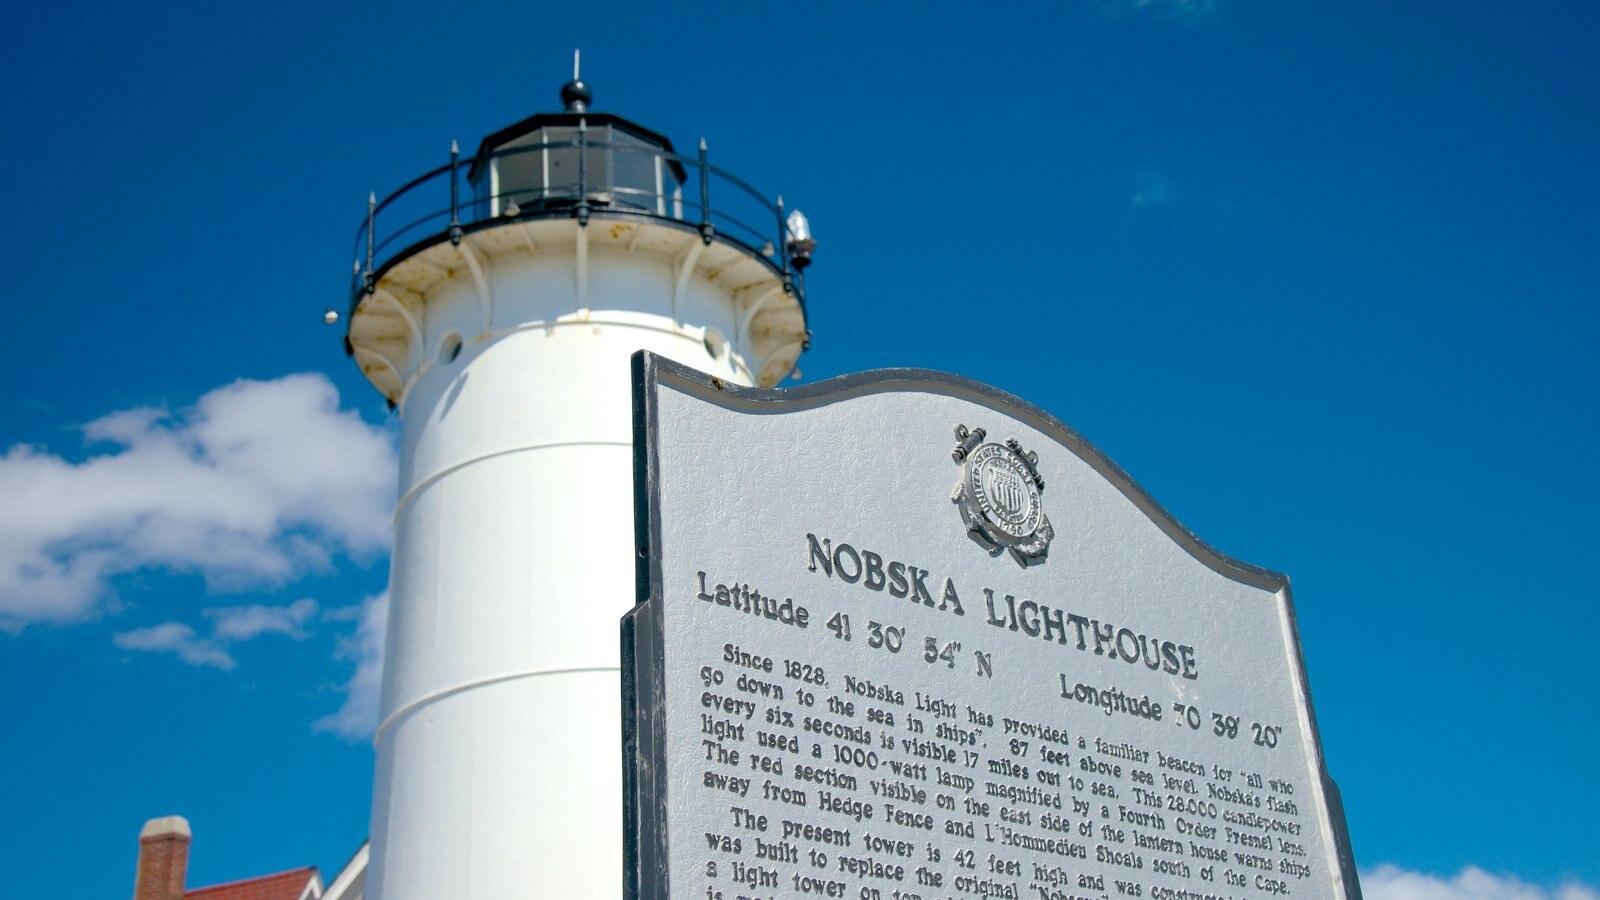 Nobska Lighthouse caracterizando um farol e sinalização